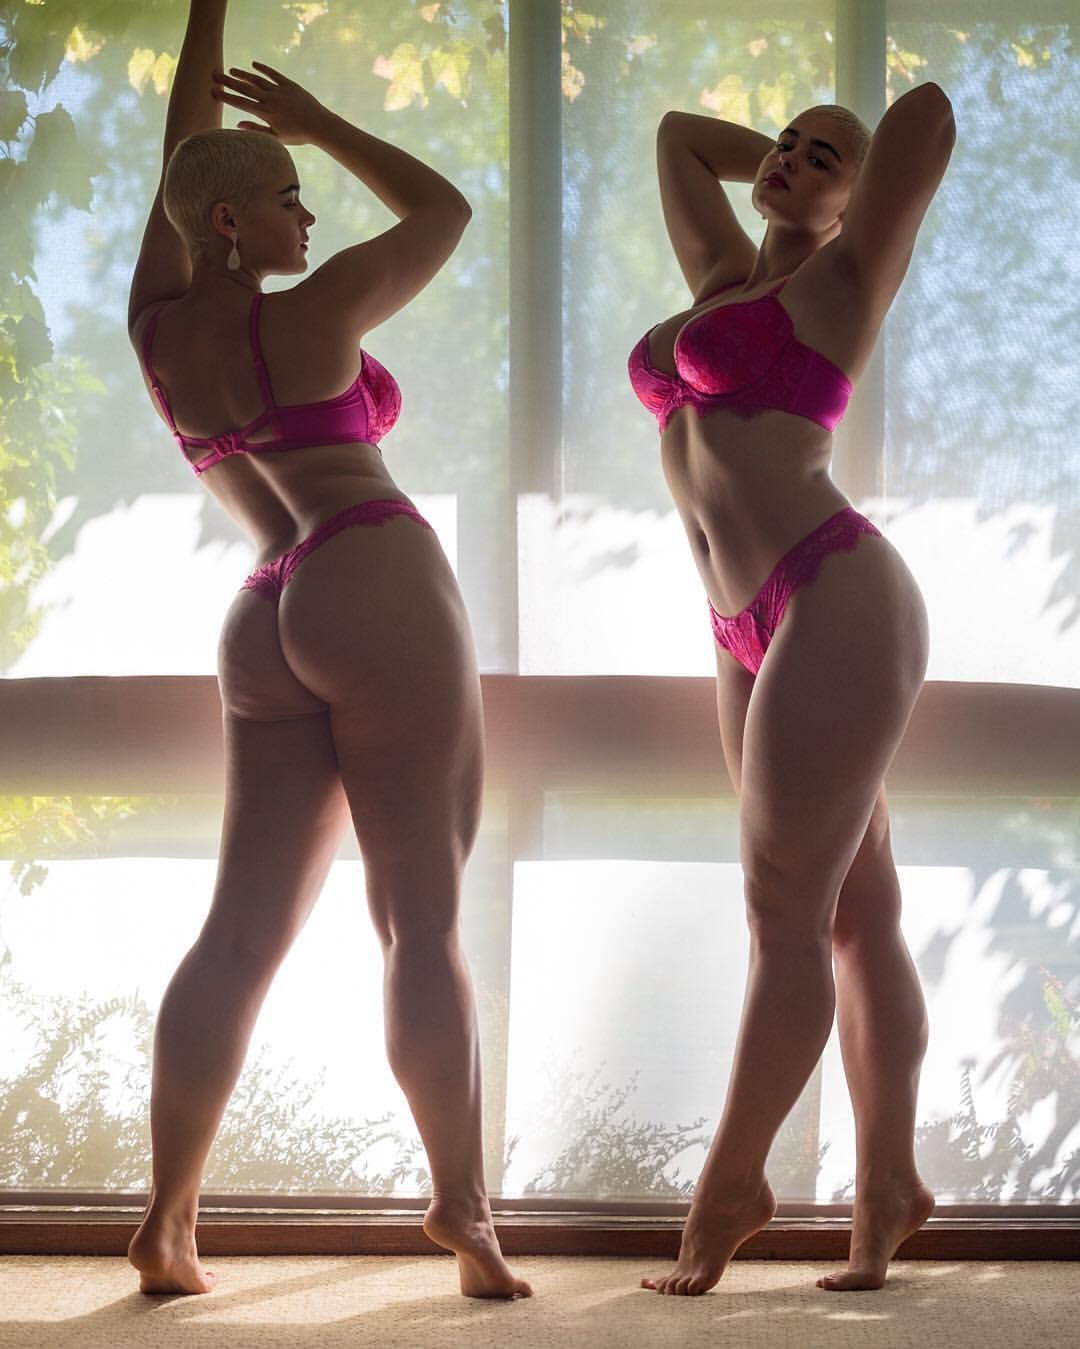 Booty Stefania Ferrario nude photos 2019